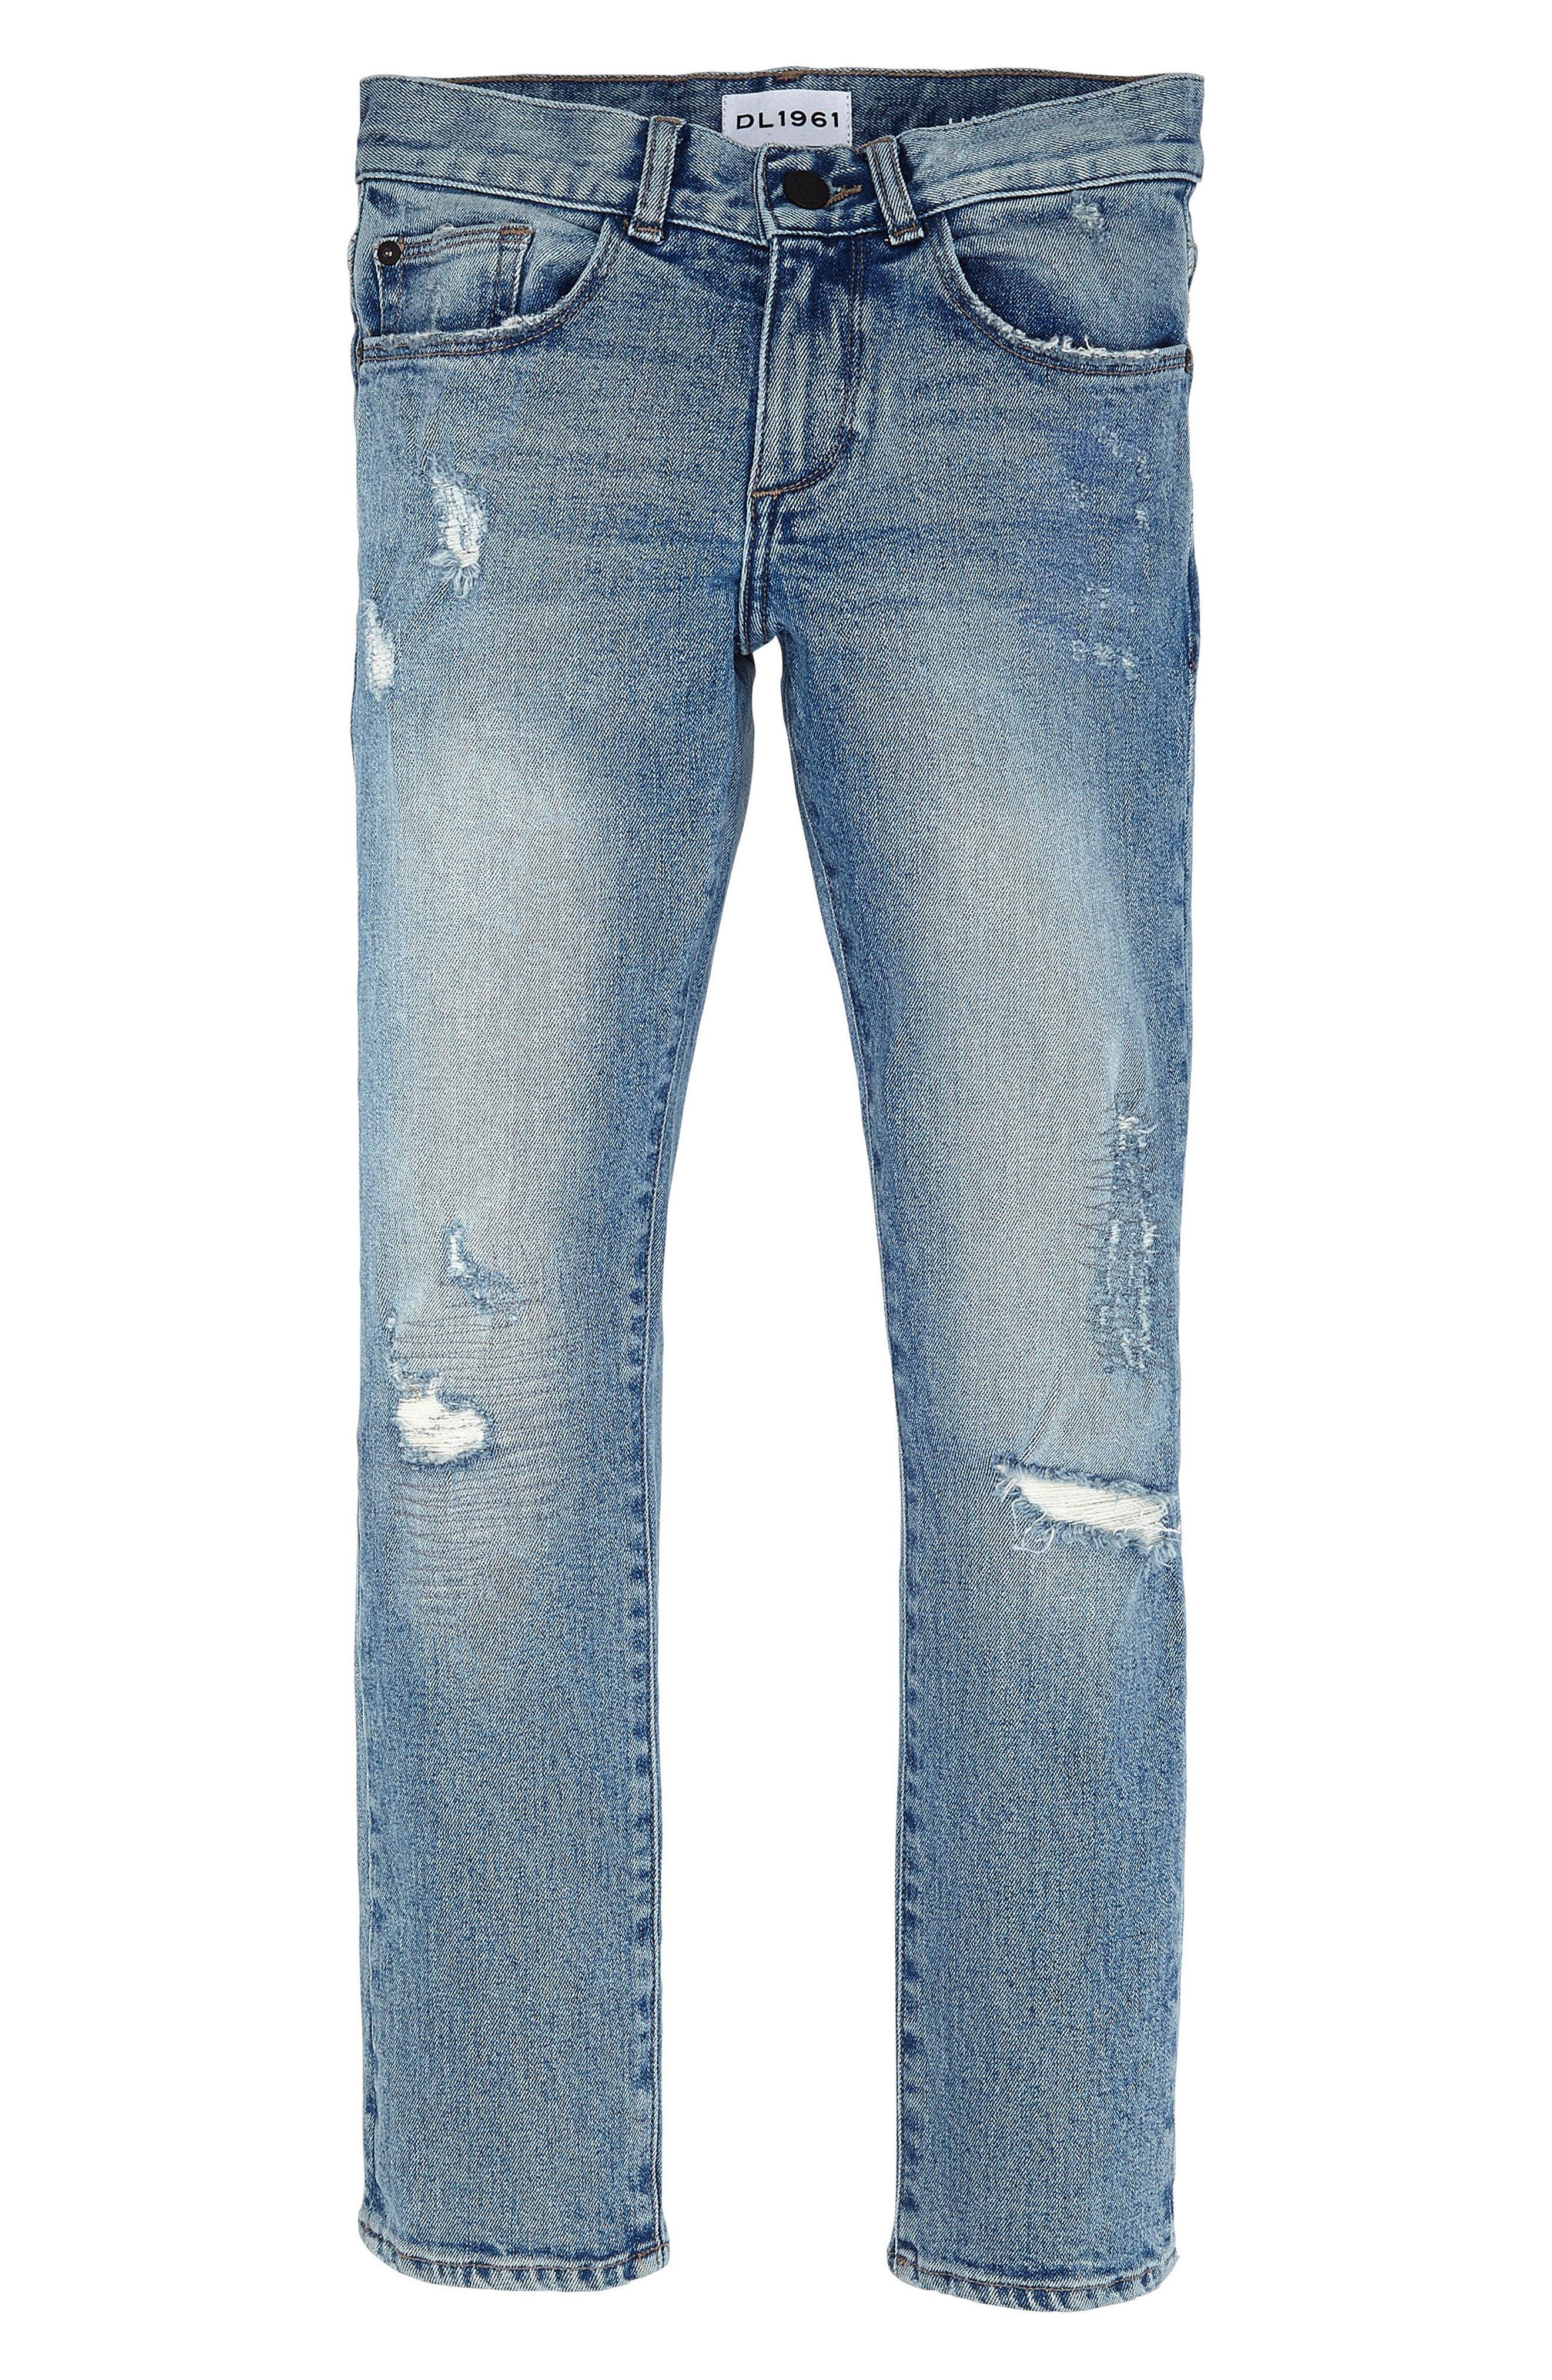 Hawke Skinny Fit Rip and Repair Jeans,                         Main,                         color, 430